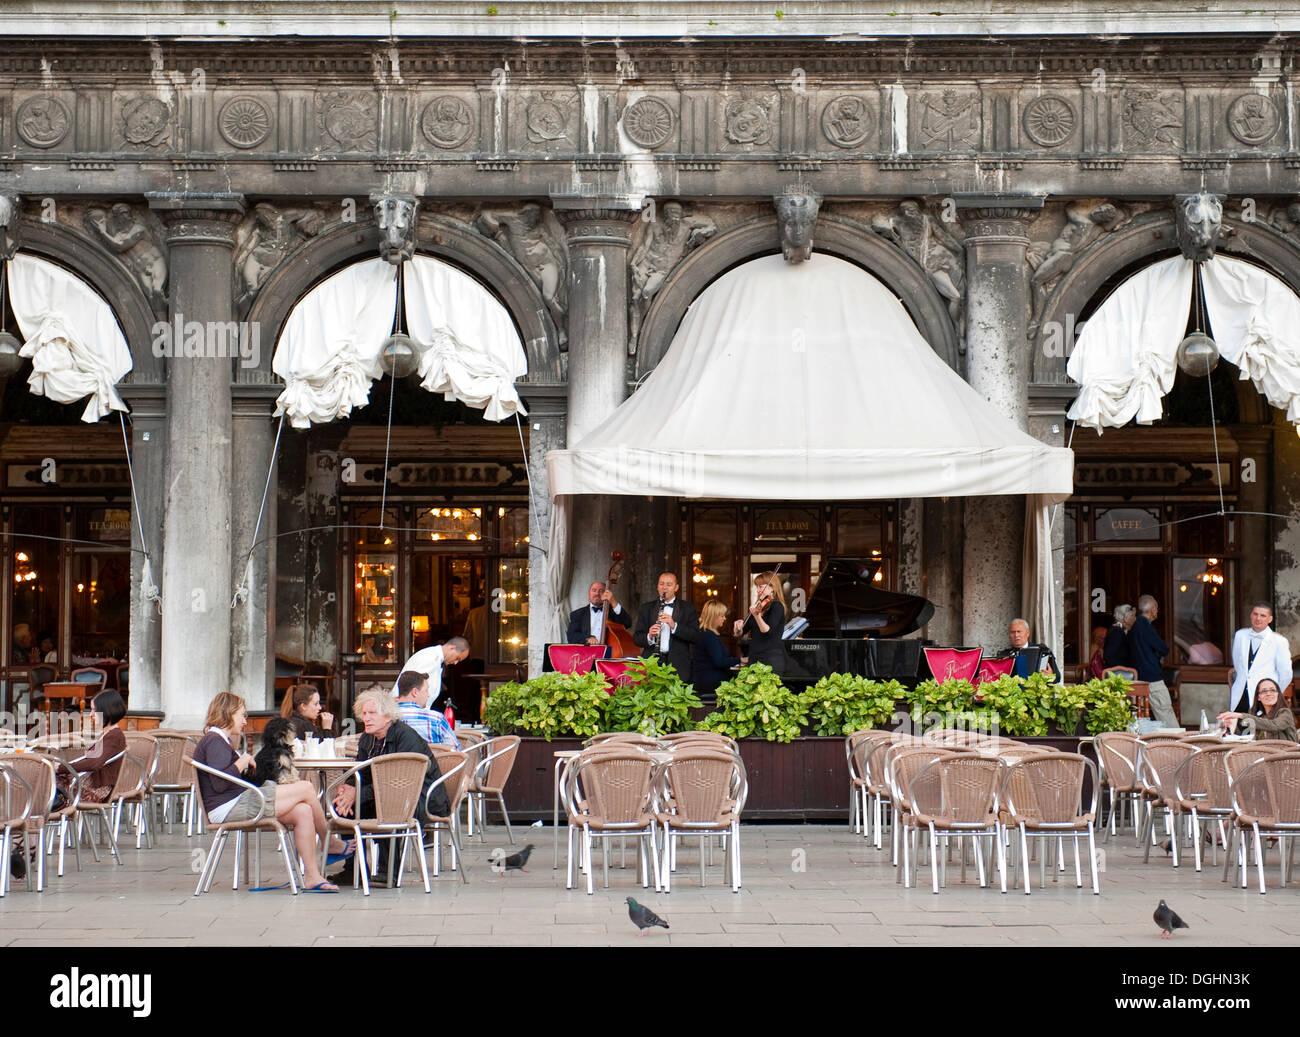 Best Restaurants In San Marcos Venice